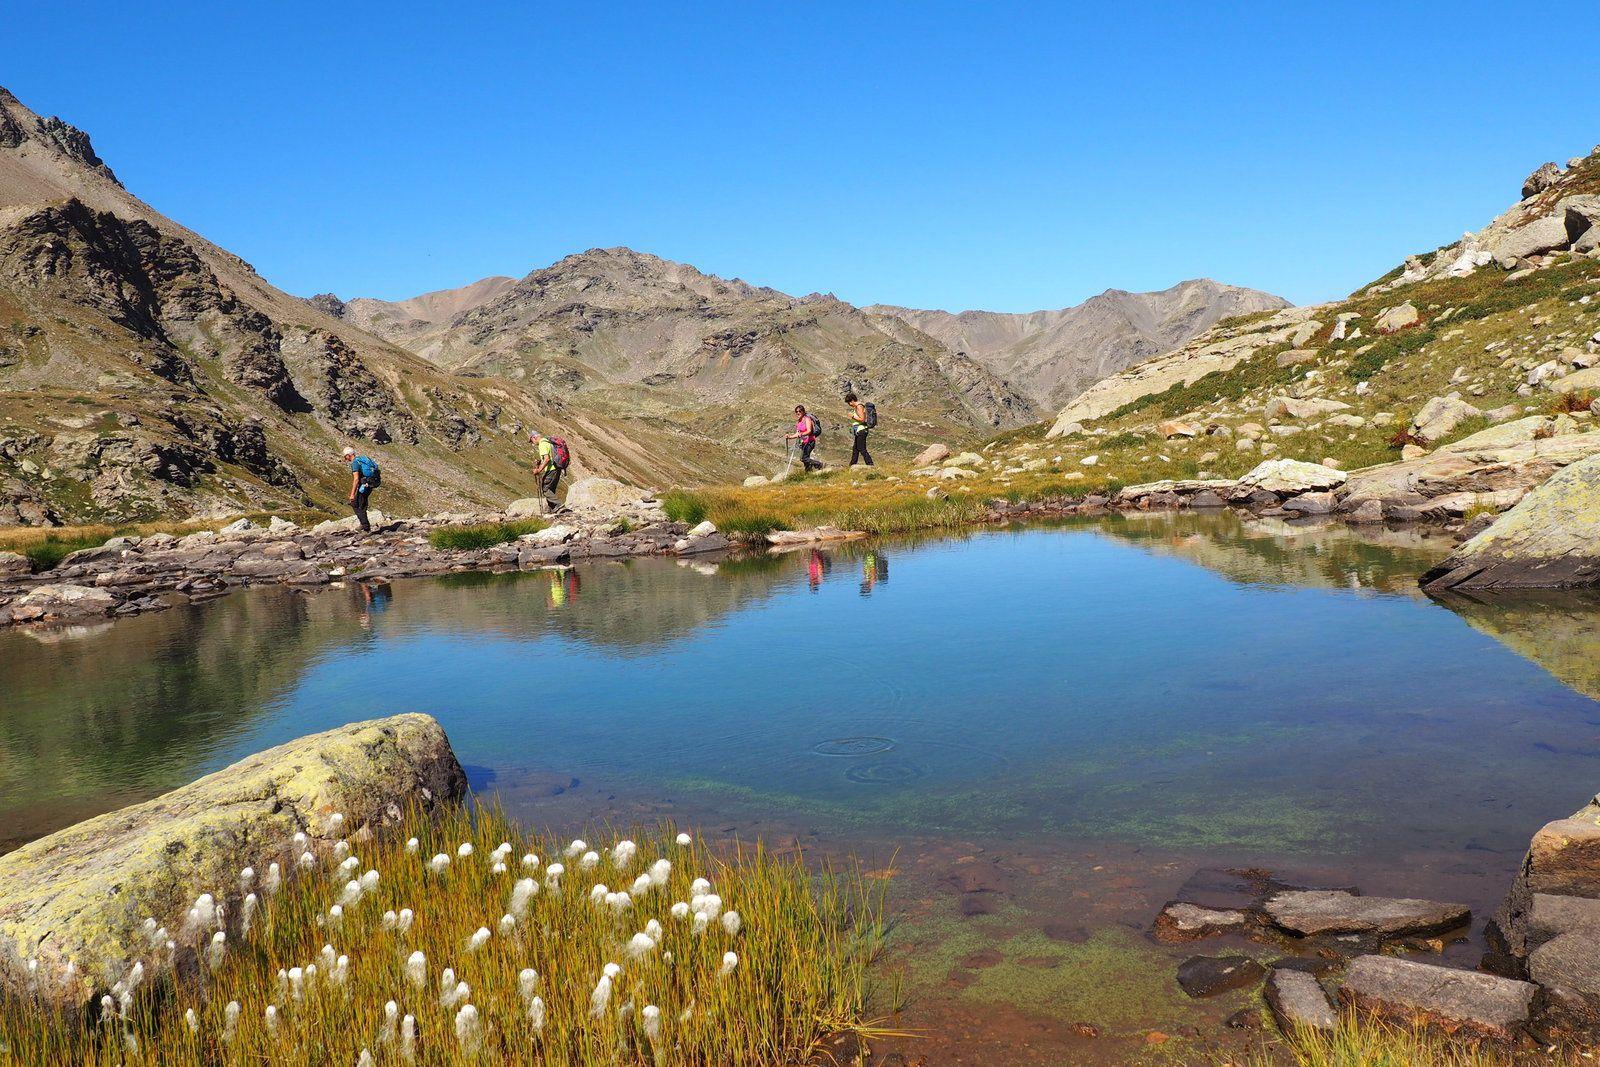 linaigrettes au bord du lac